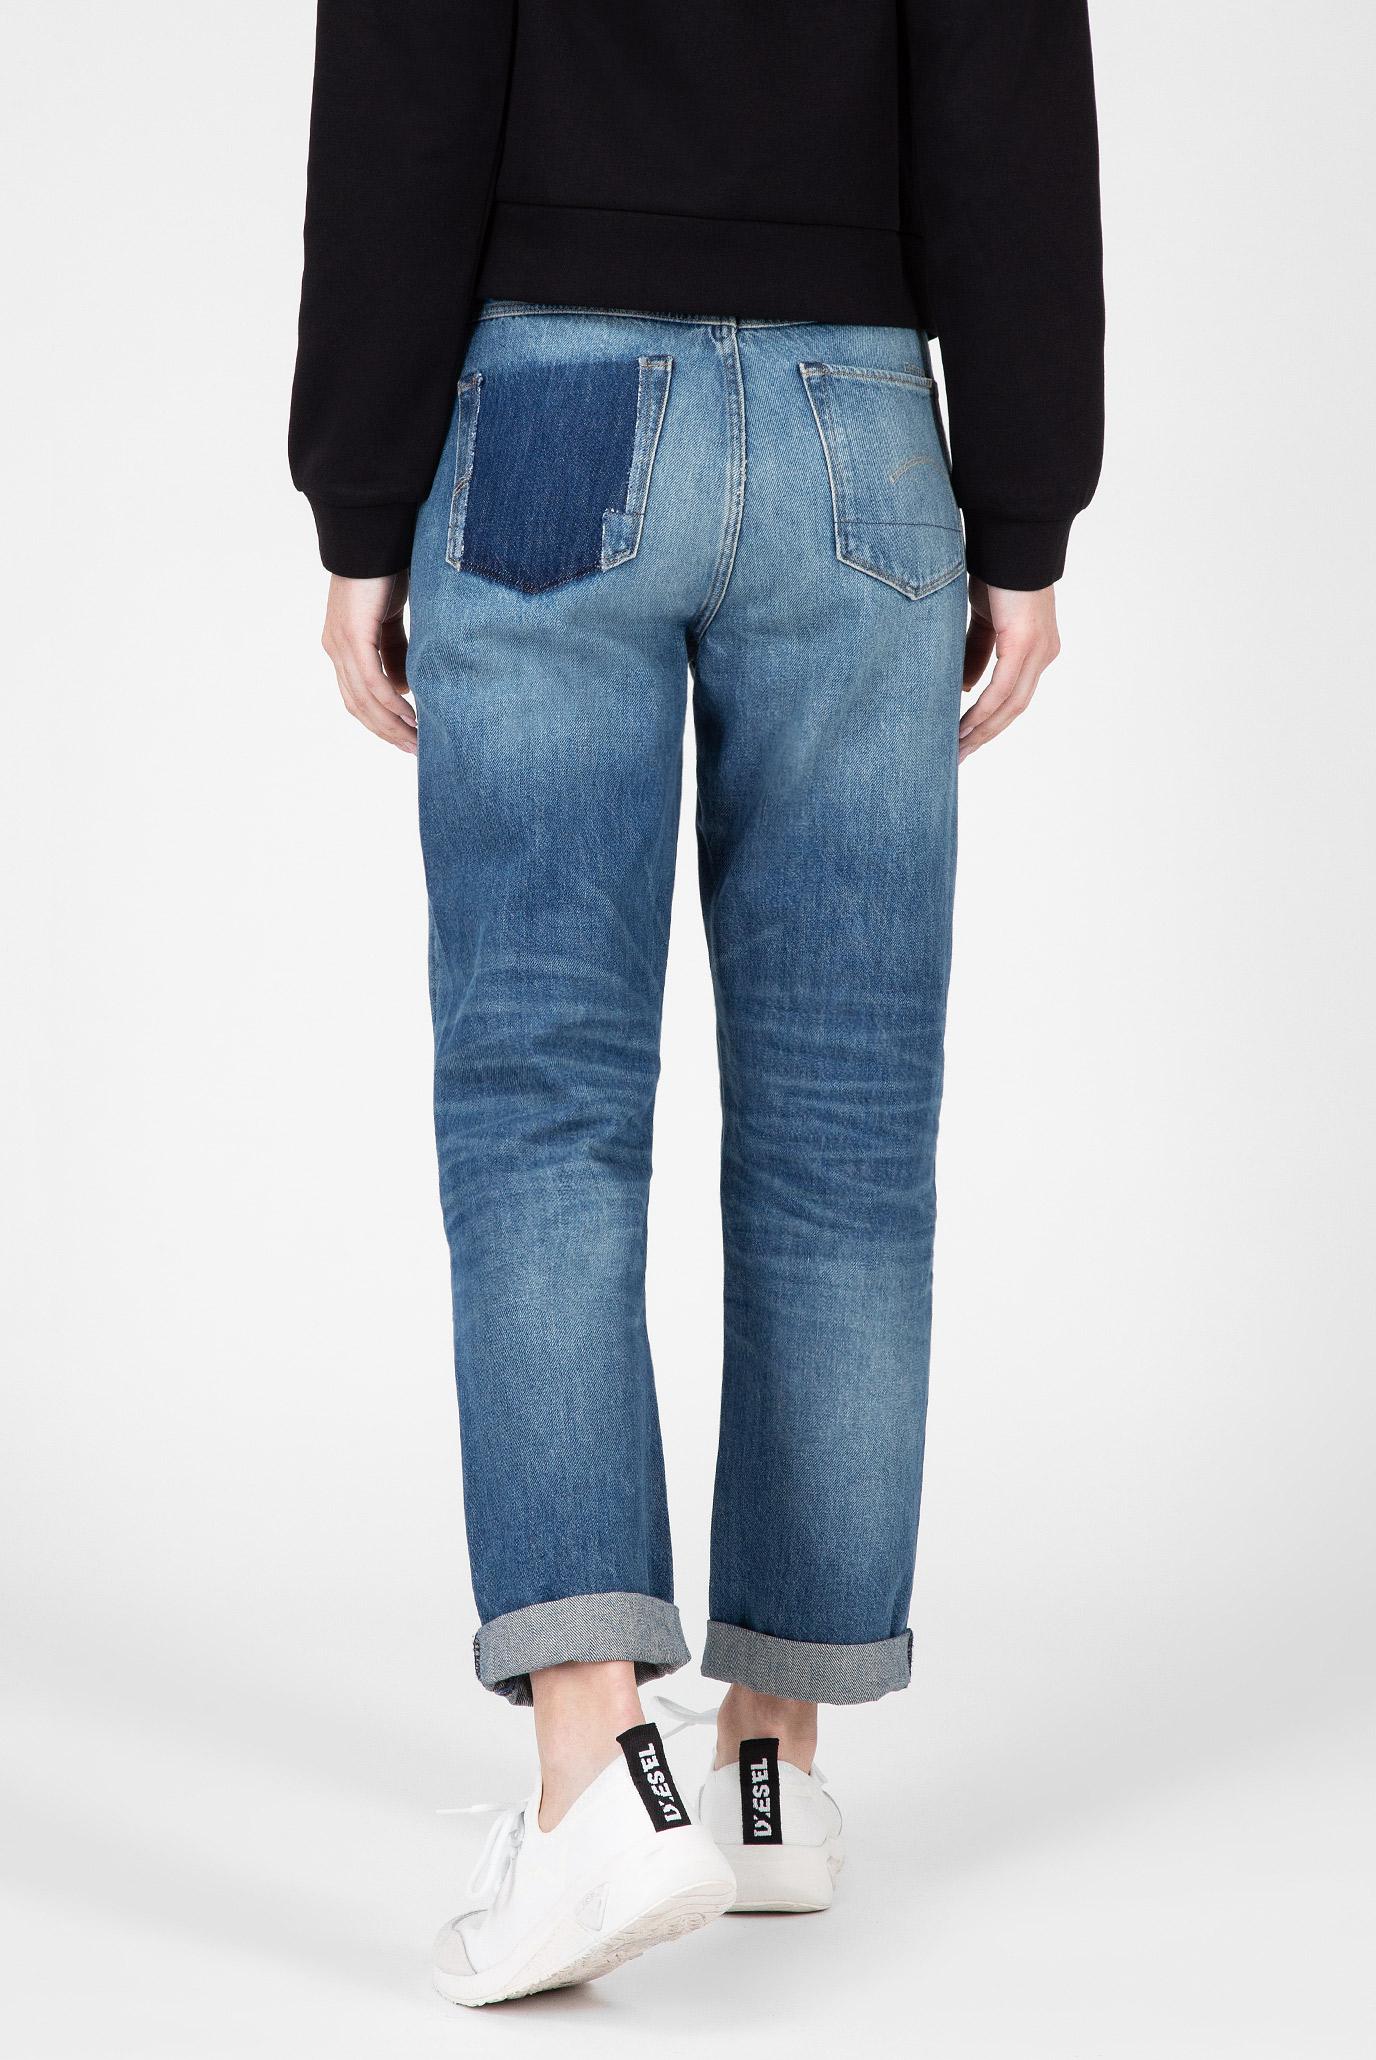 Купить Женские голубые джинсы 3301 G-Star RAW G-Star RAW D11044,9436 – Киев, Украина. Цены в интернет магазине MD Fashion